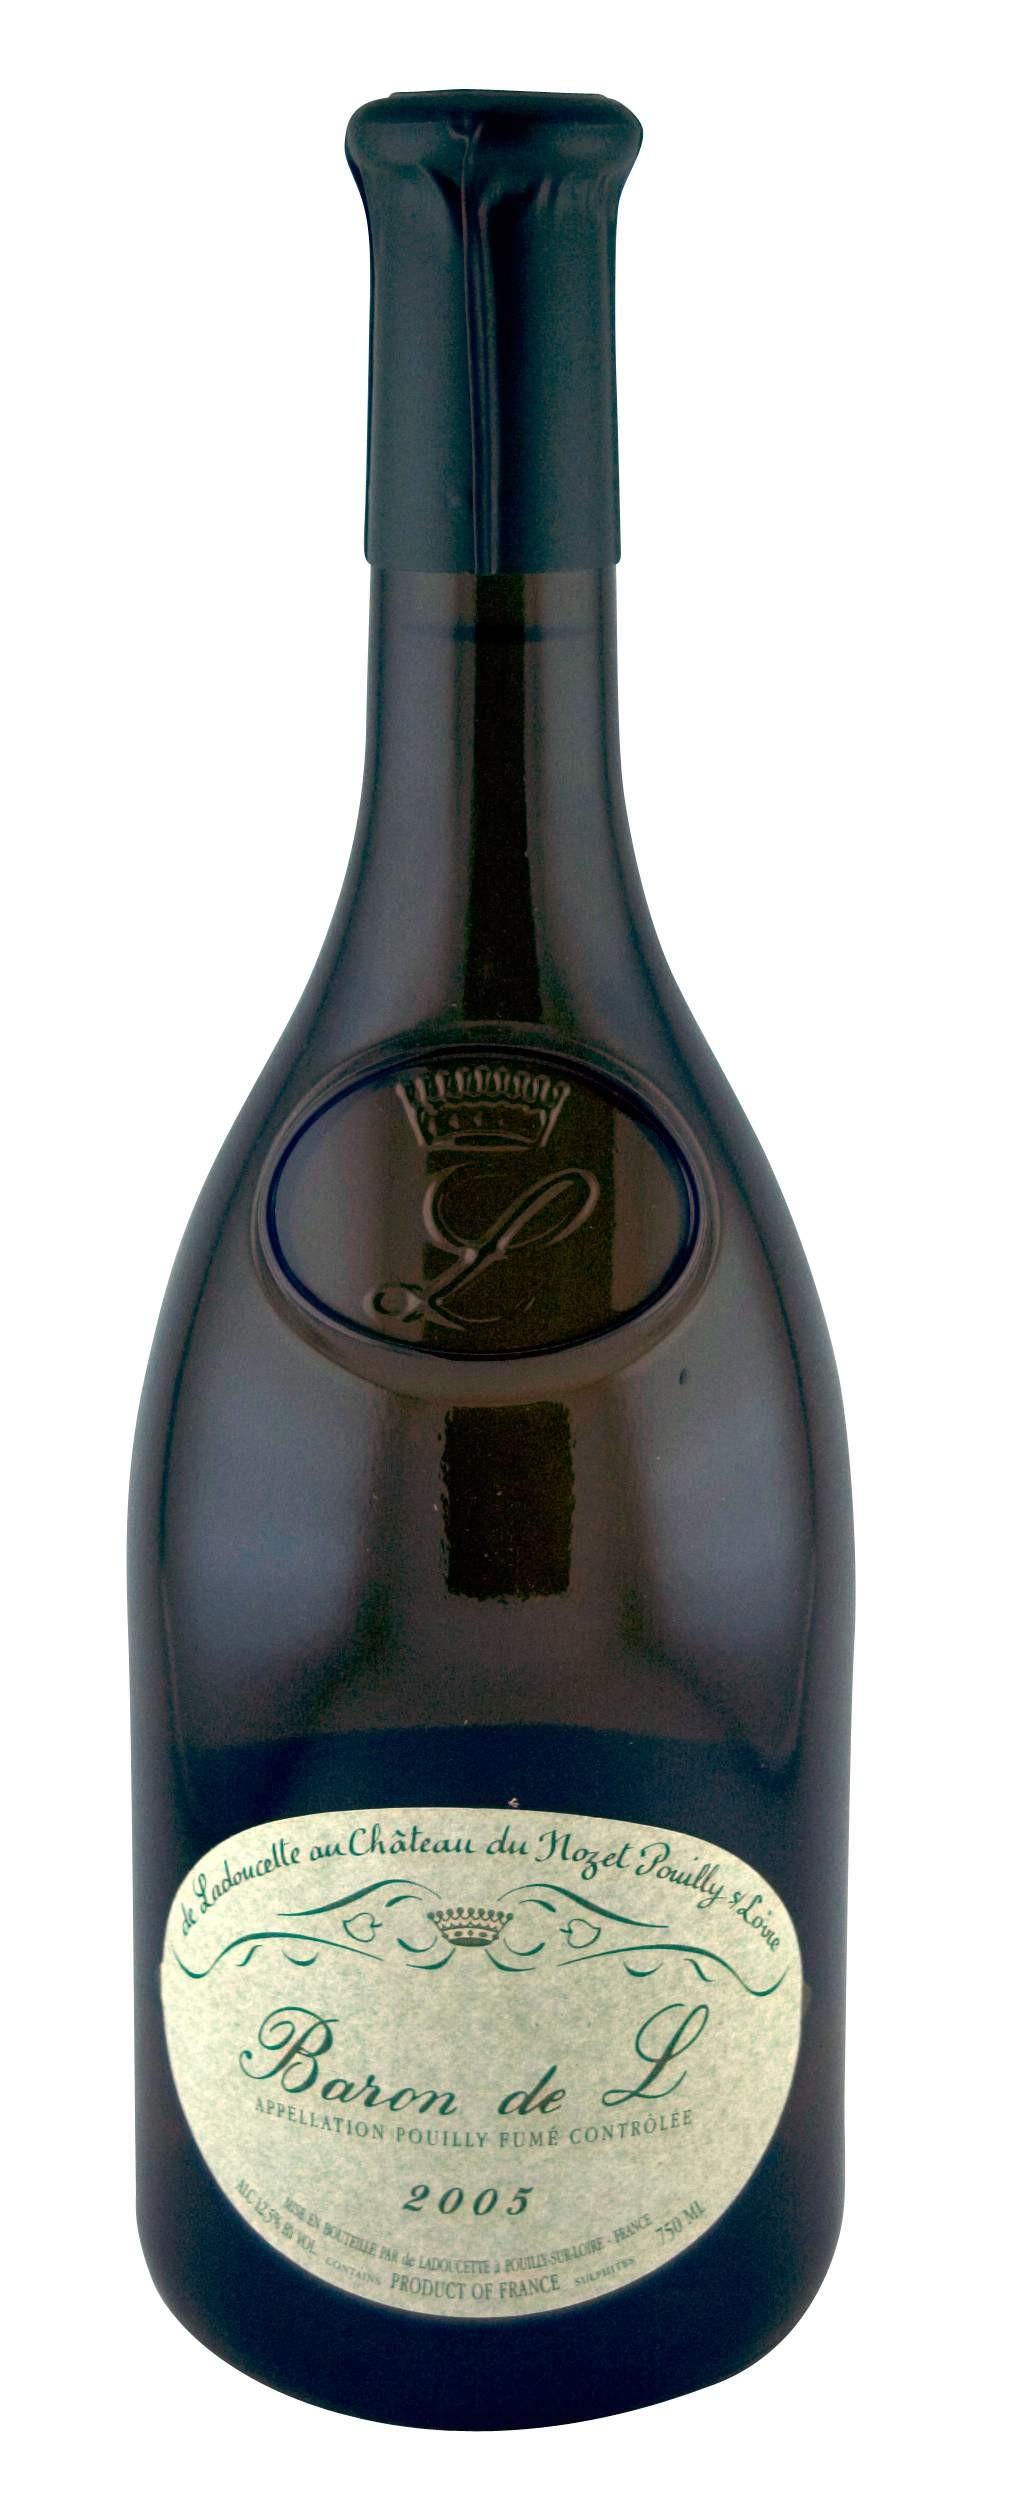 Ladoucette - Baron de L. Pouilly Fumé AC, 2012